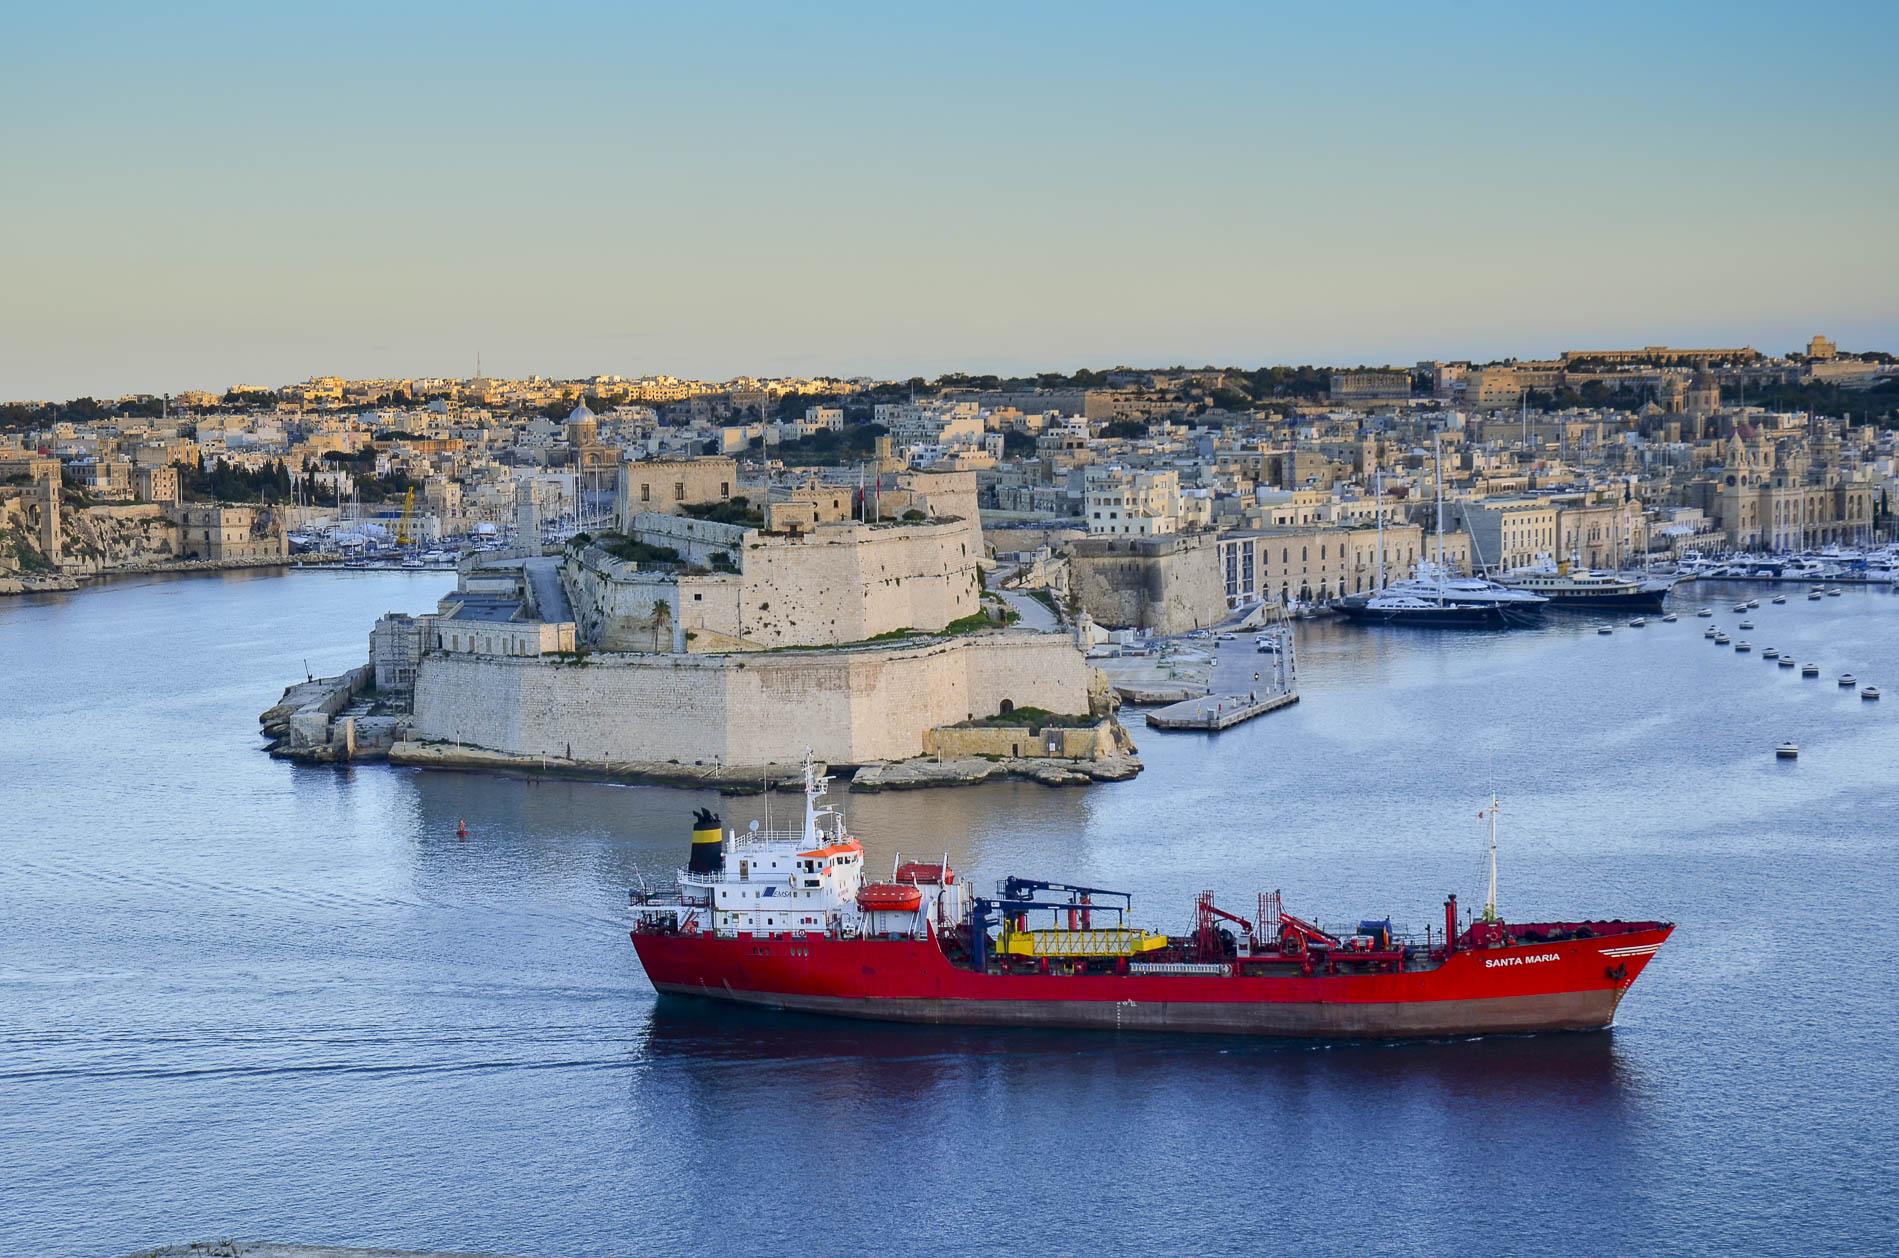 Widok z Valletty na Sliemę. Malta / fot. Michał Głombiowski